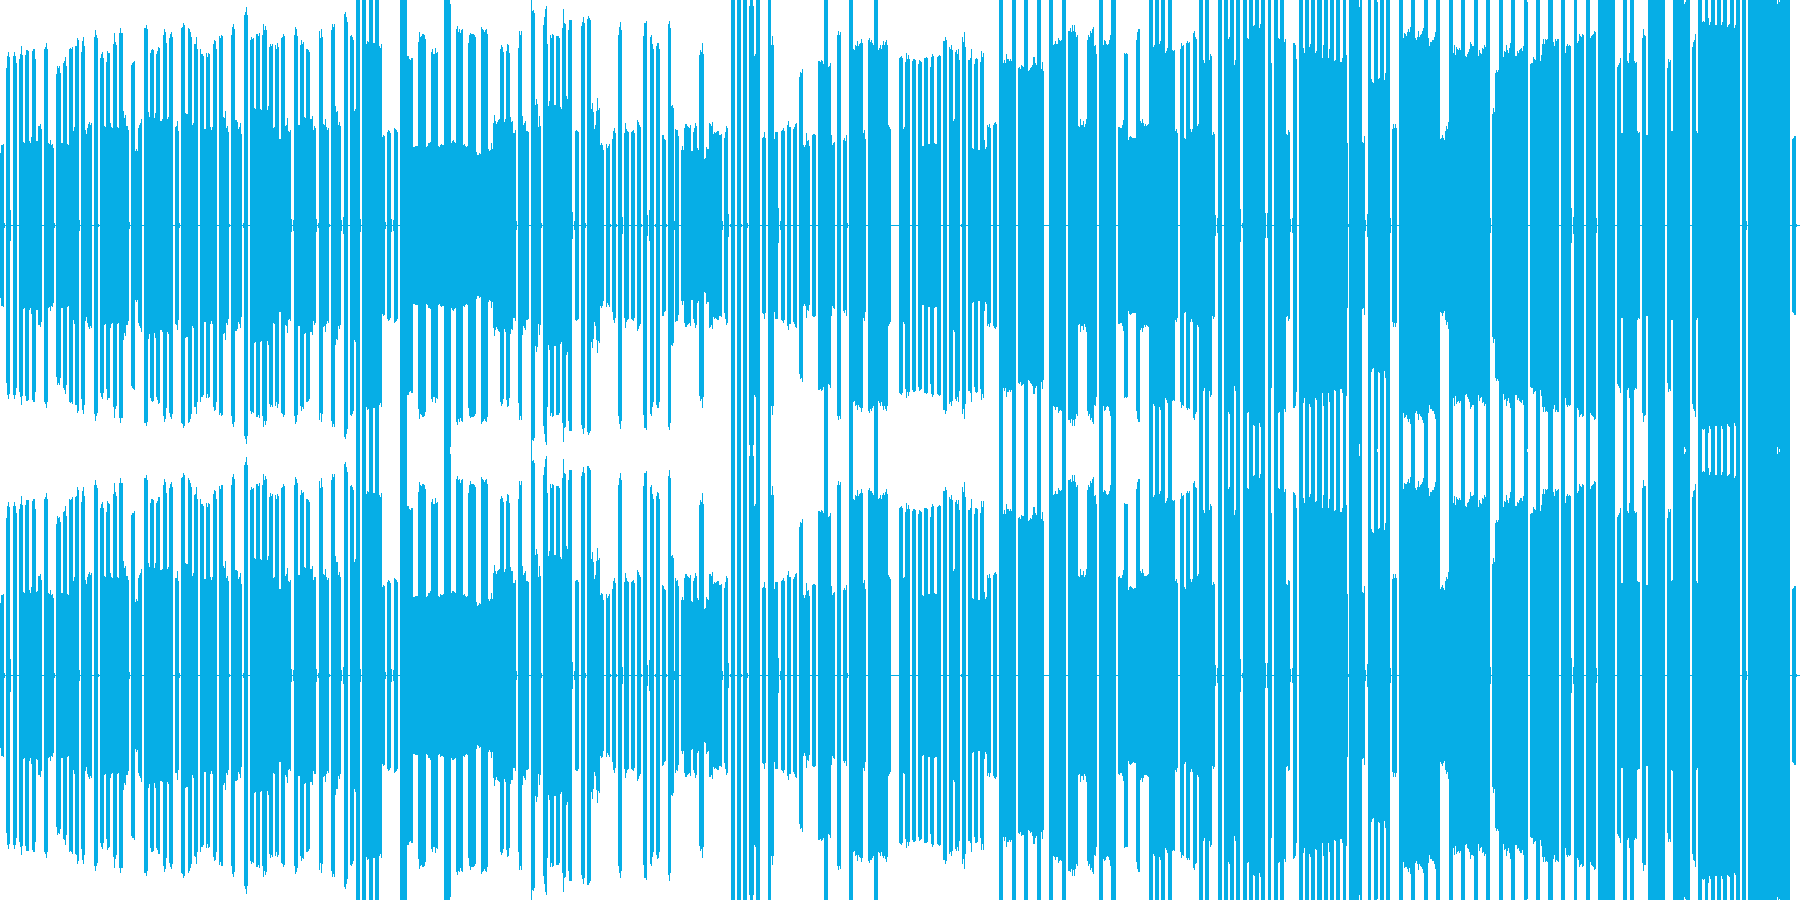 ピコピコ音のチップチューン ゲーム用の再生済みの波形